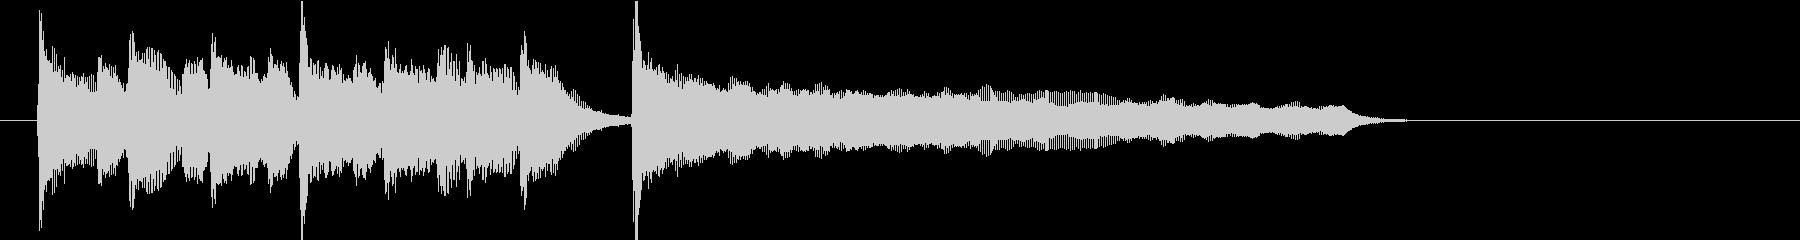 ブルースの定番!軽快なピアノジングルの未再生の波形